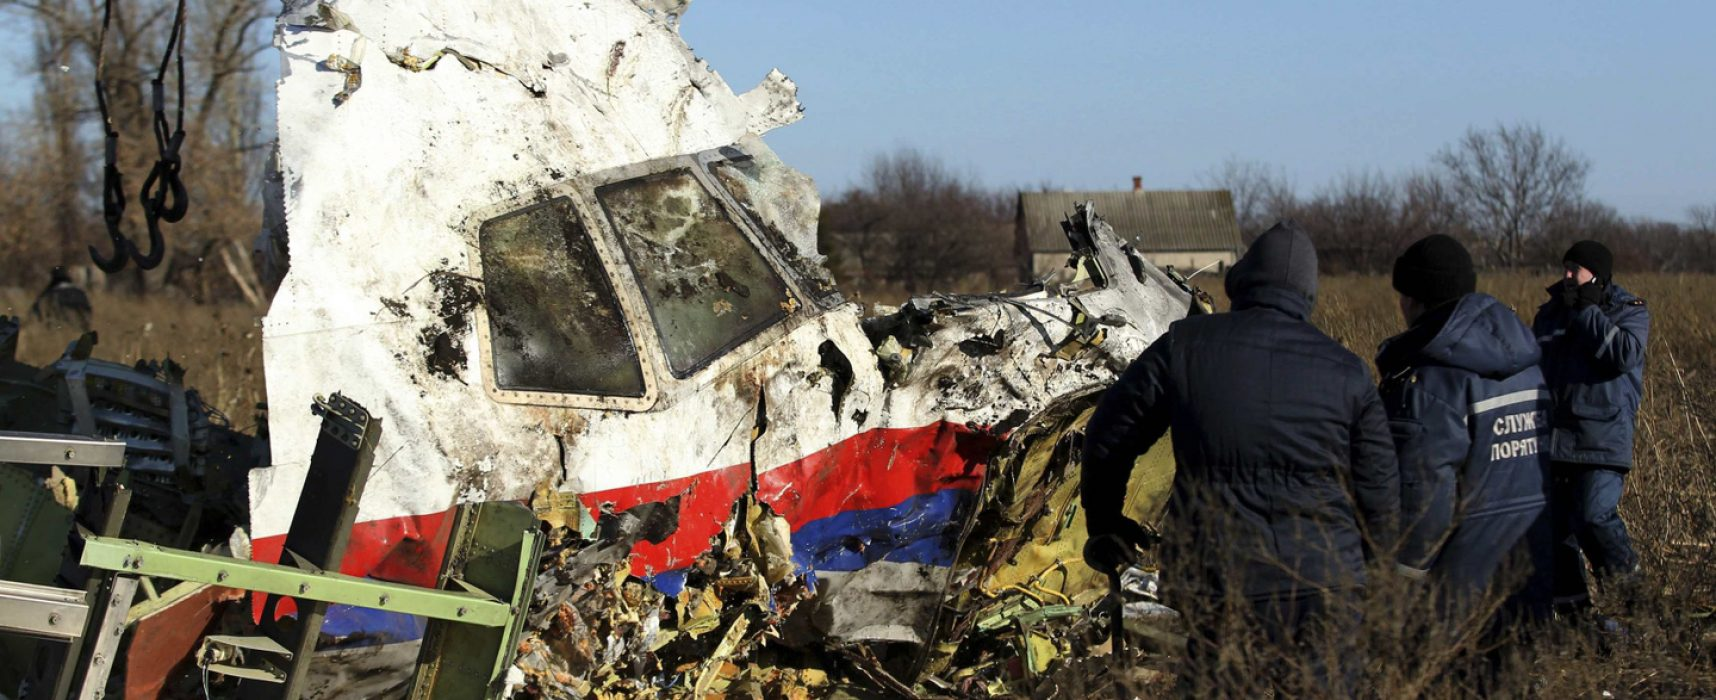 РИА «Новости» нашло немецкого детектива с «доказательствами» украинского следа в деле MH17. Но он… передумал ими делиться